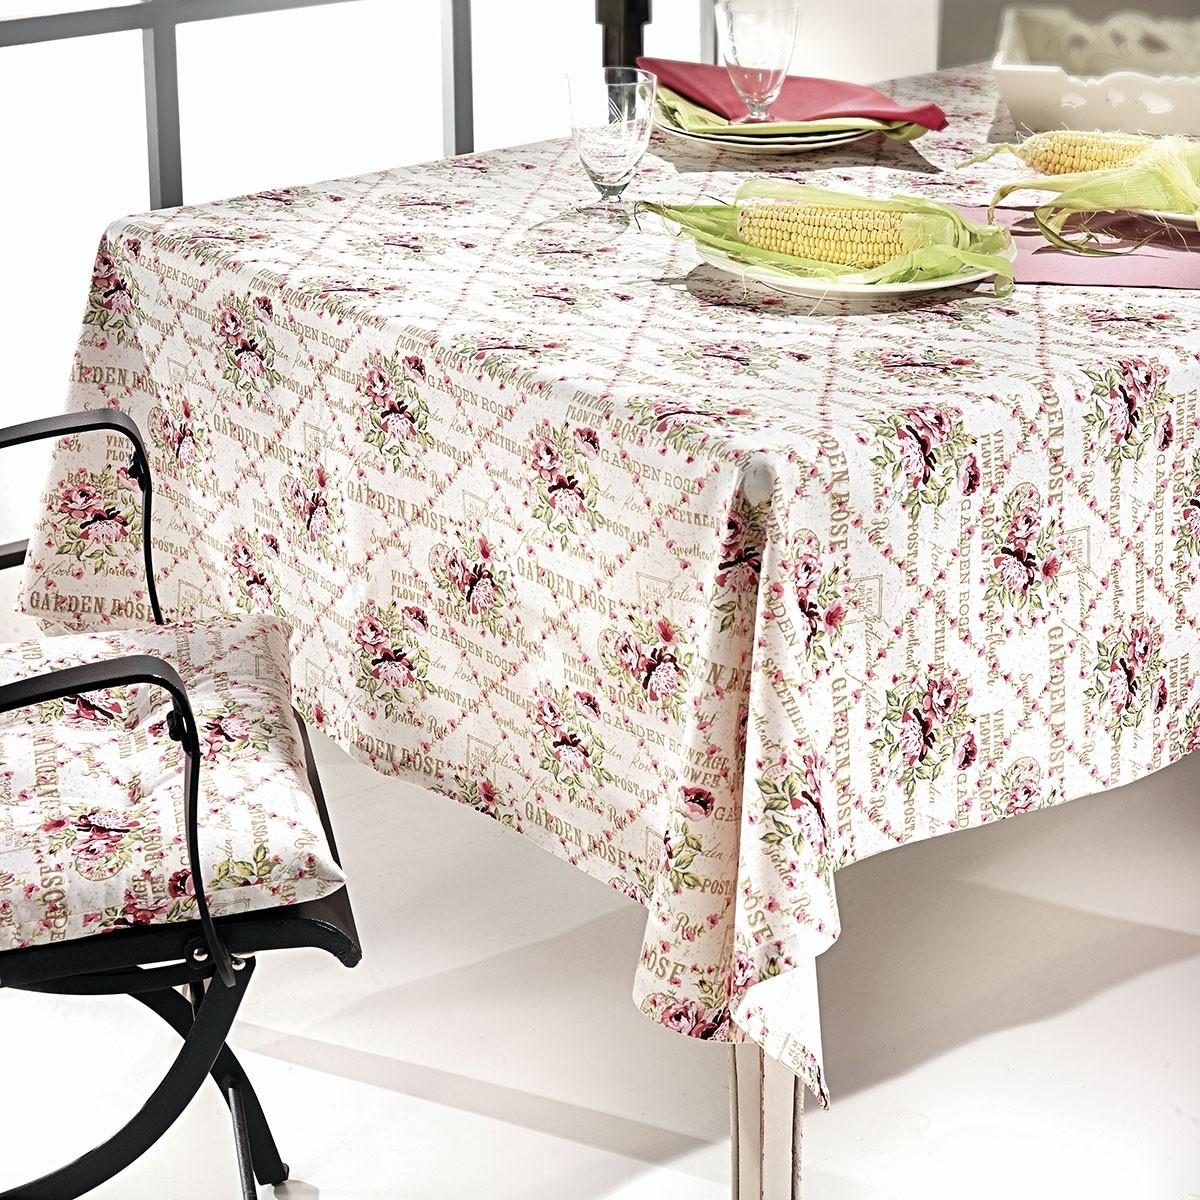 Τραπεζομάντηλο (150x250) Nima Garden Rose 01 Pink